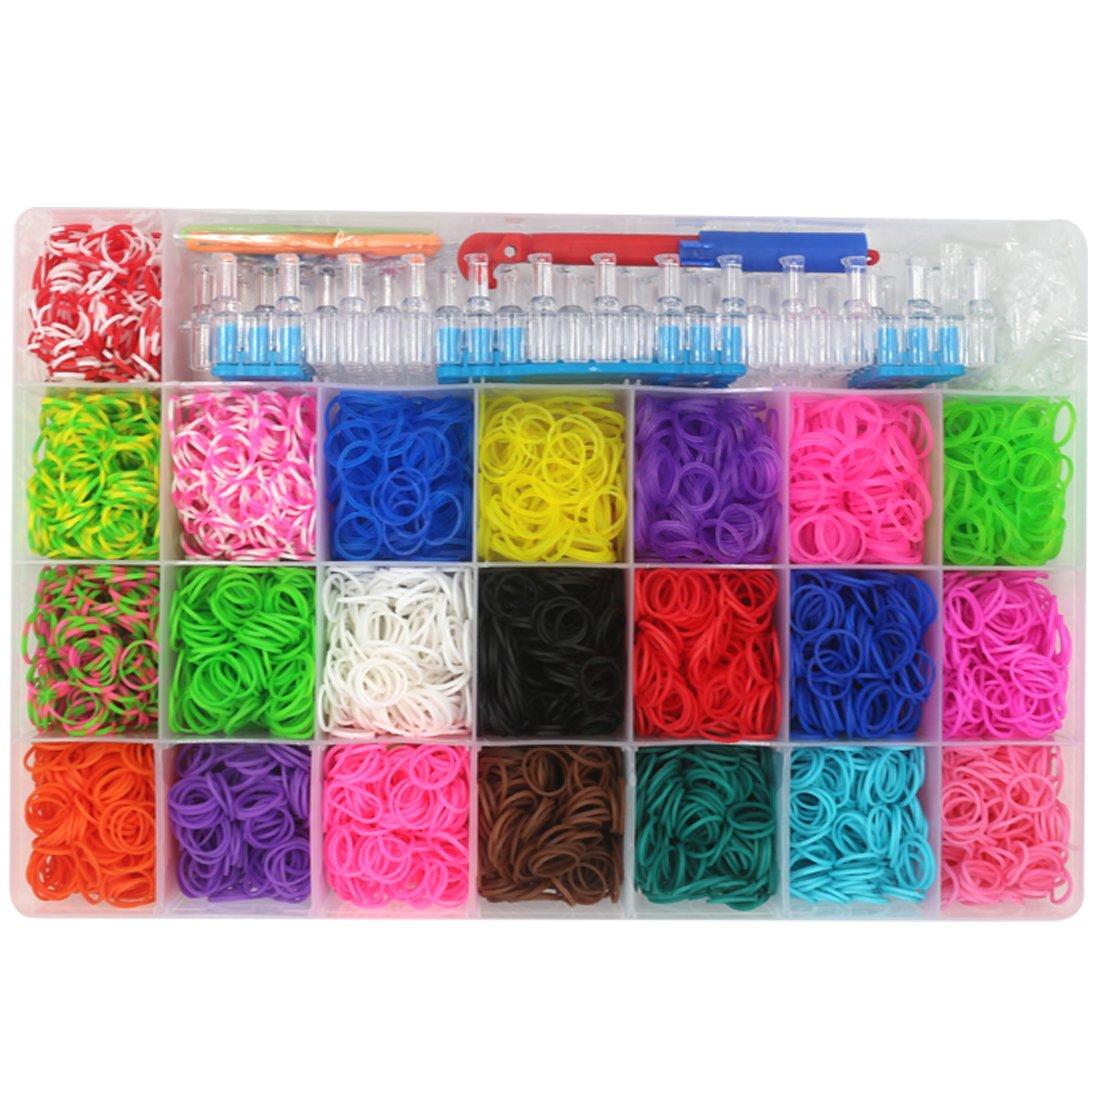 Kirinstores TM 6000 PCS 240 Clips Bands Refills for Loom Rainbow Bracelet Dress Making Skin Tone Flesh Coloured